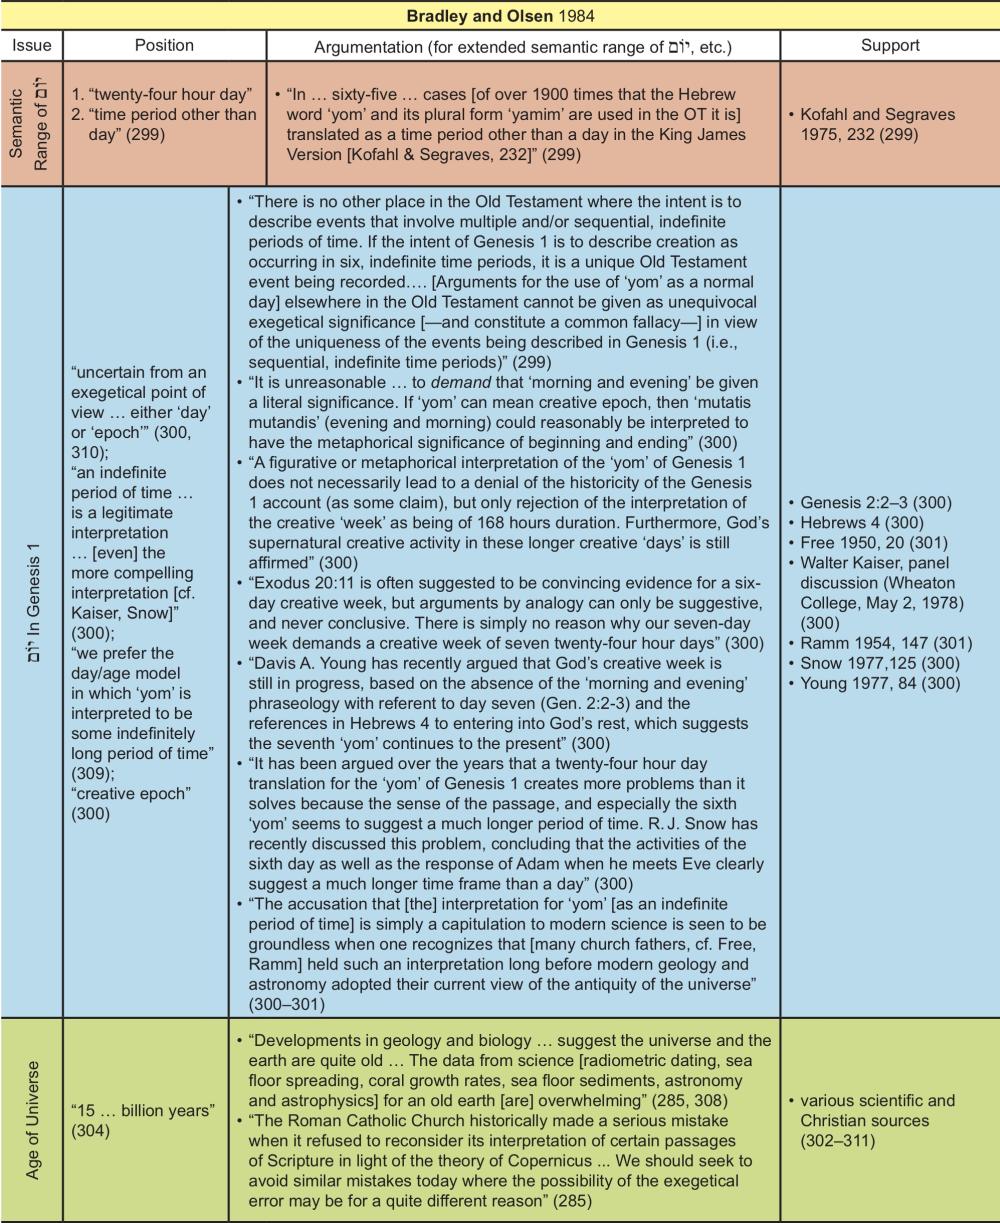 Appendix Table 4